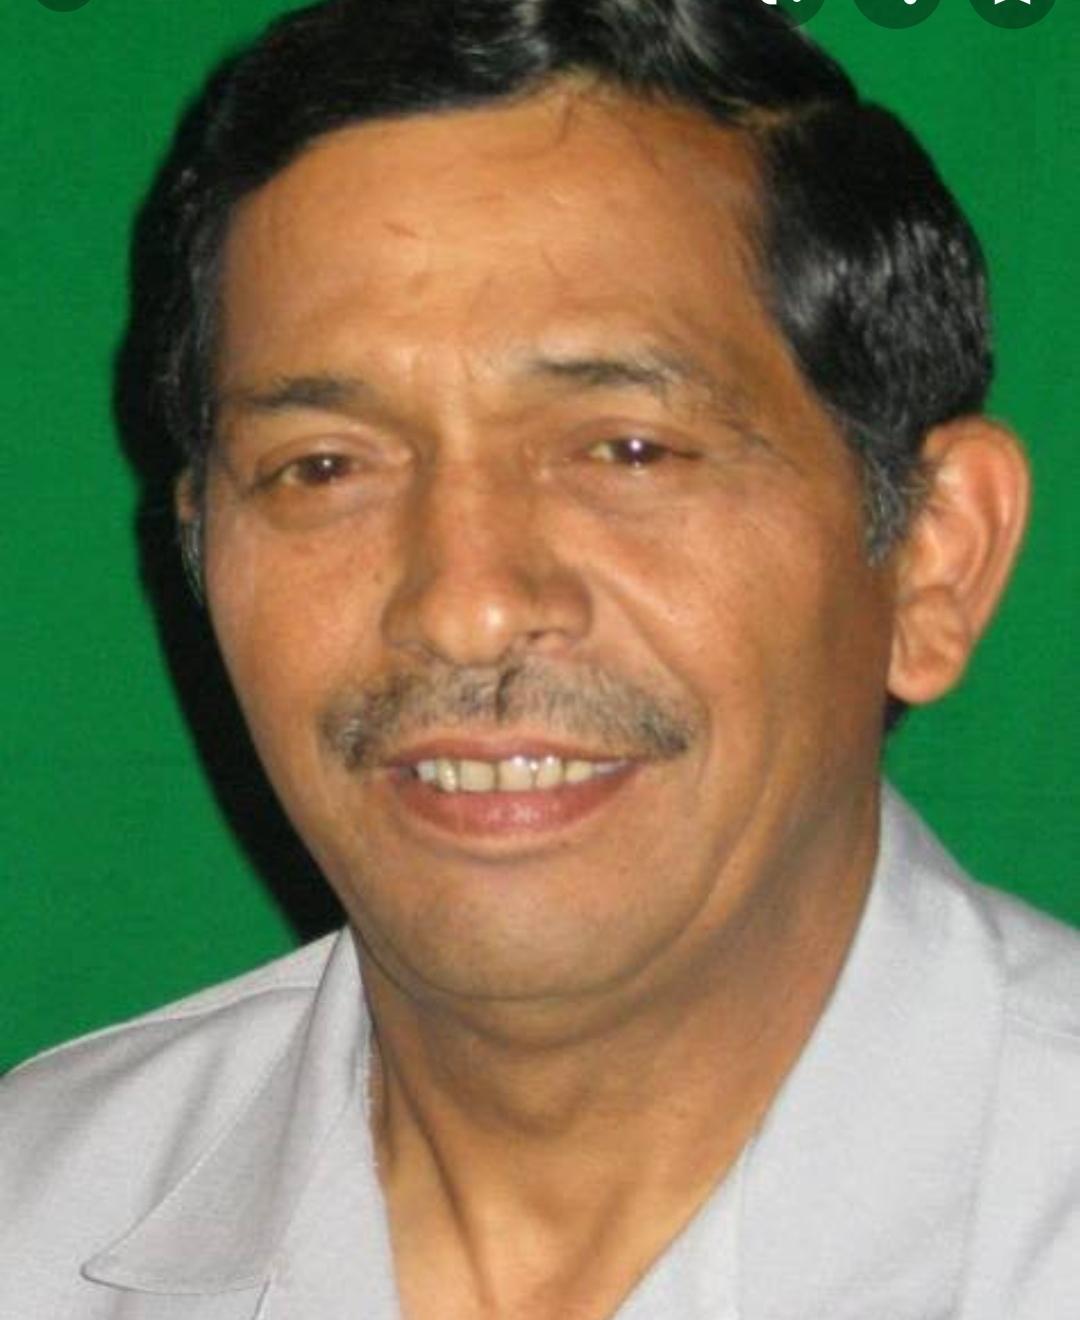 पूर्व केंद्रीय मंत्री बची सिंह रावत का निधन